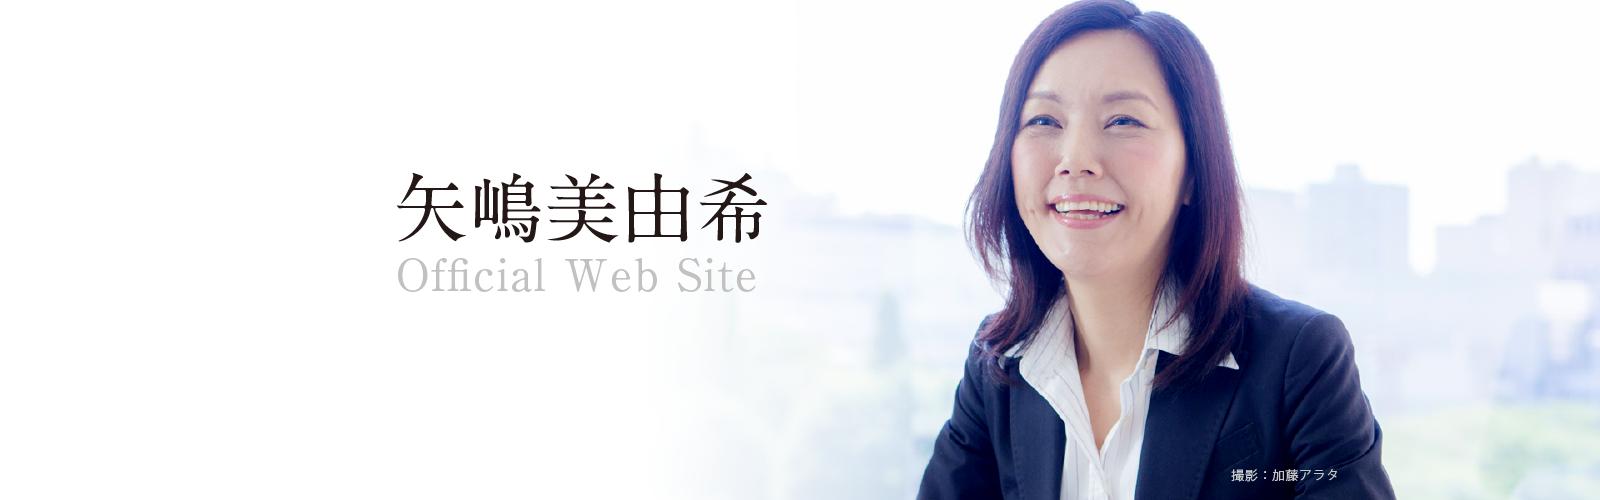 矢島美由希のオフィシャルウェブサイト